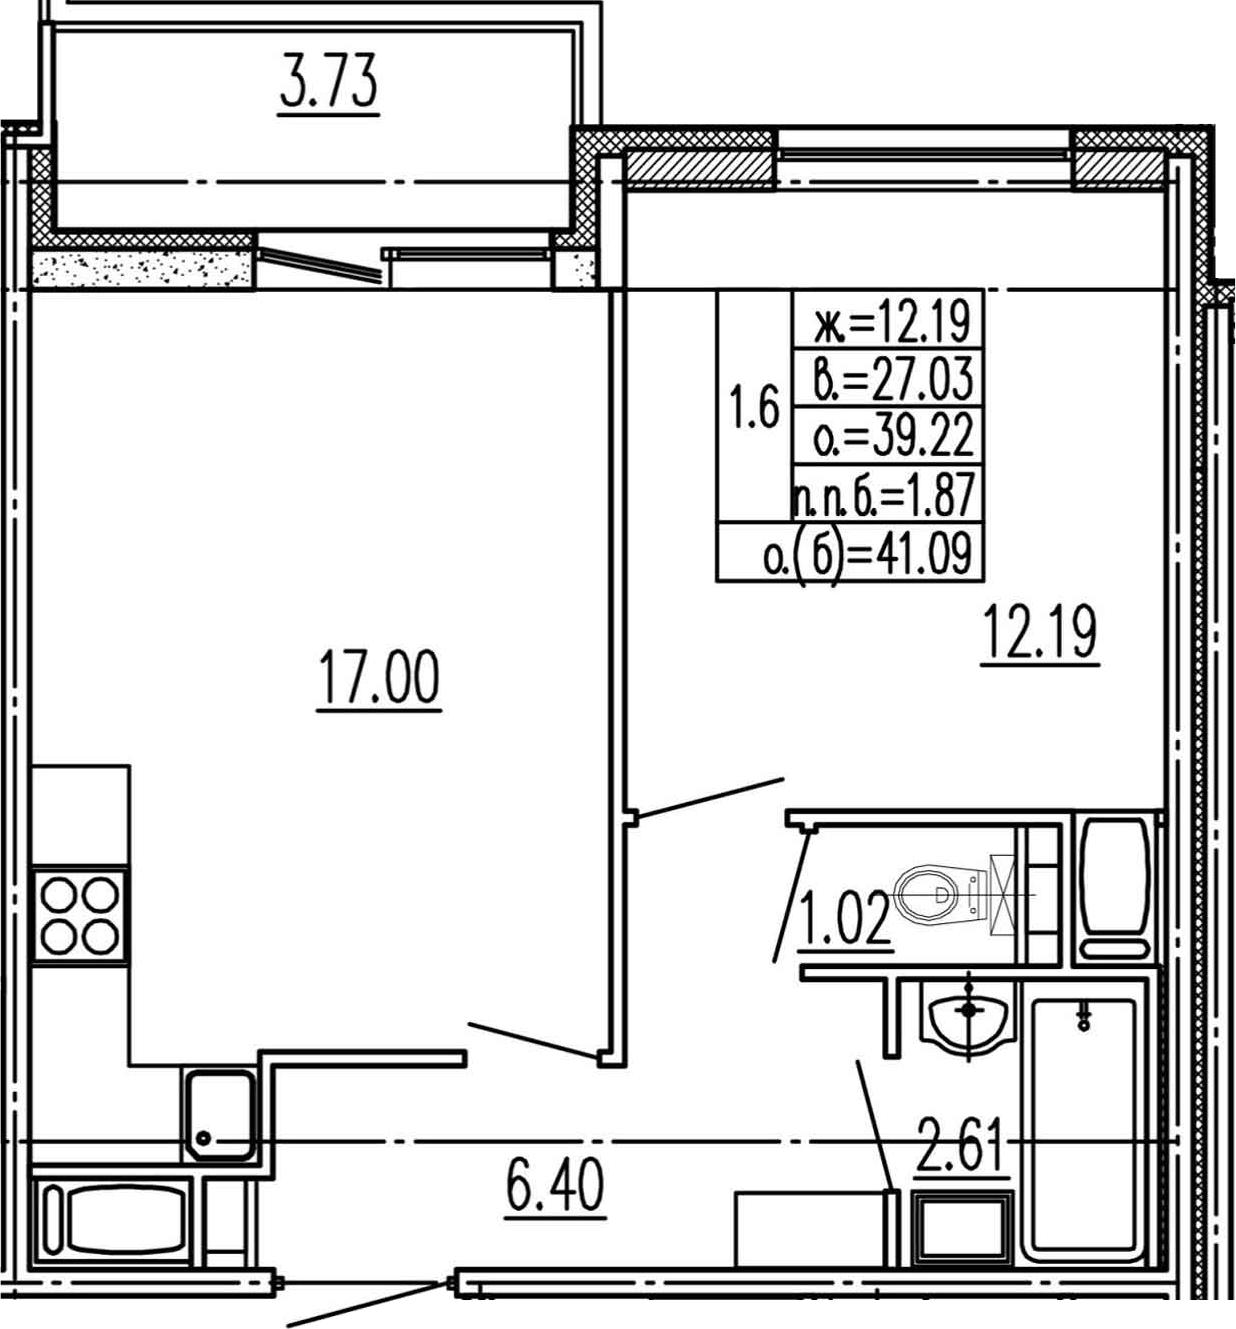 2Е-к.кв, 39.22 м², 12 этаж